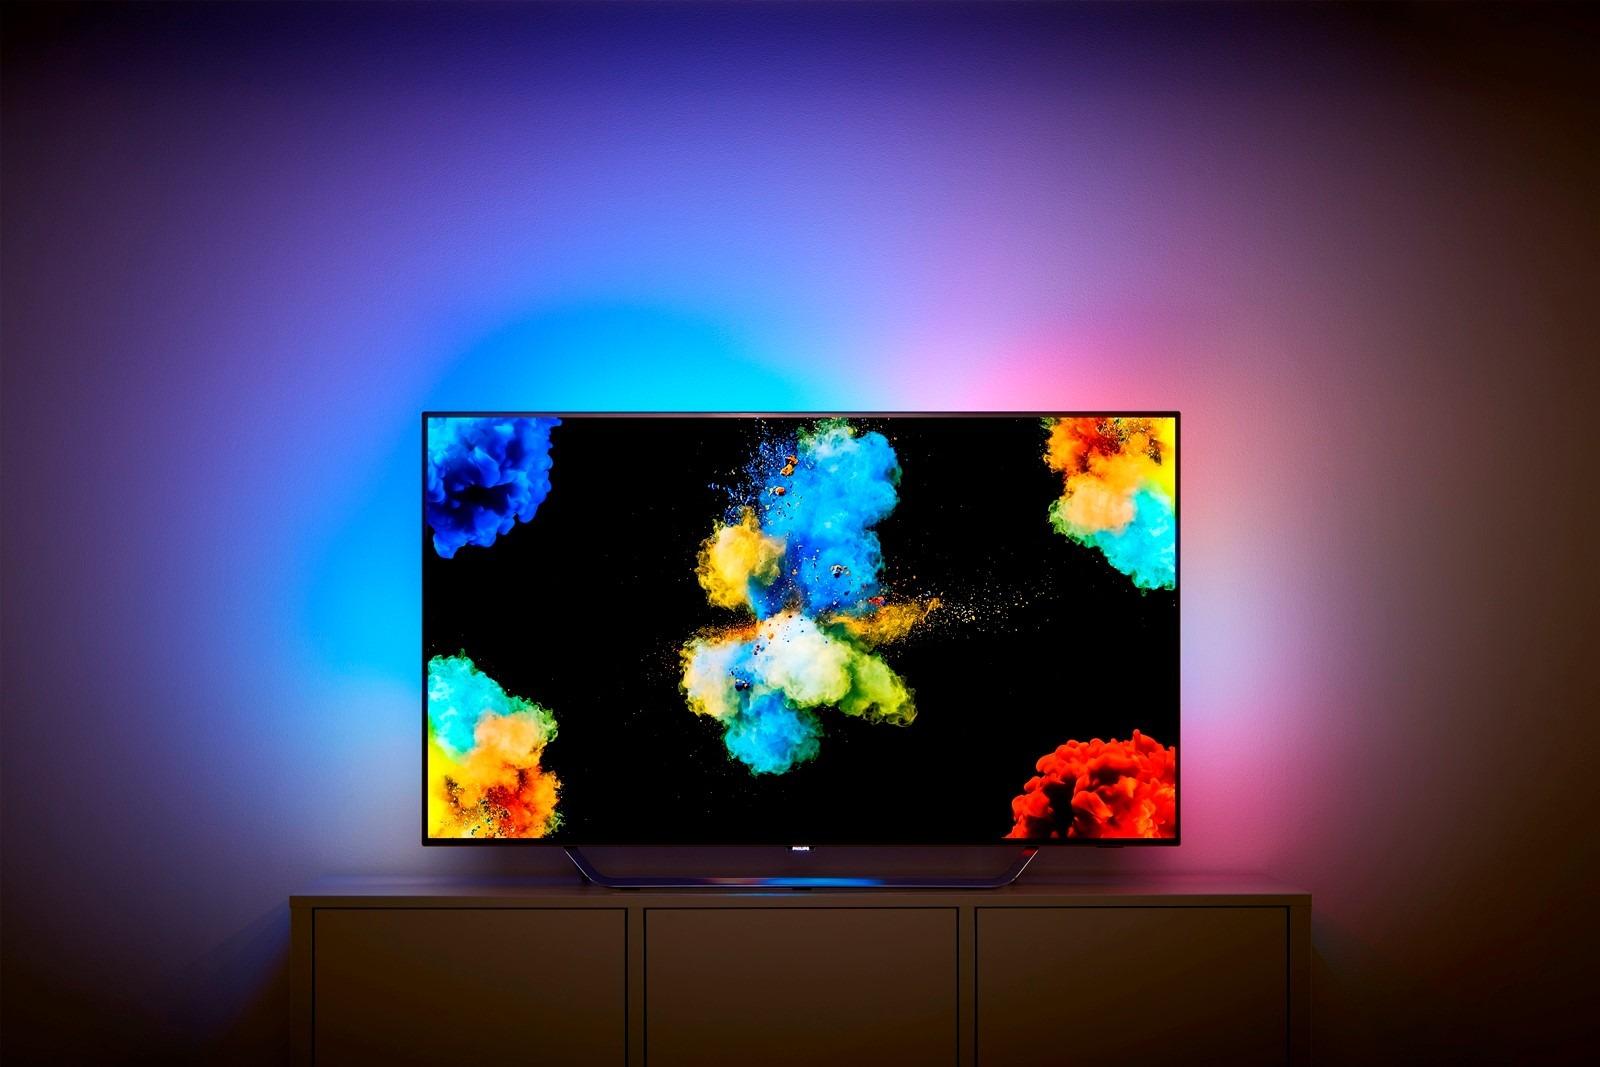 Inför IFA: Ultra HD och OLED tar över TV-marknaden i Sverige